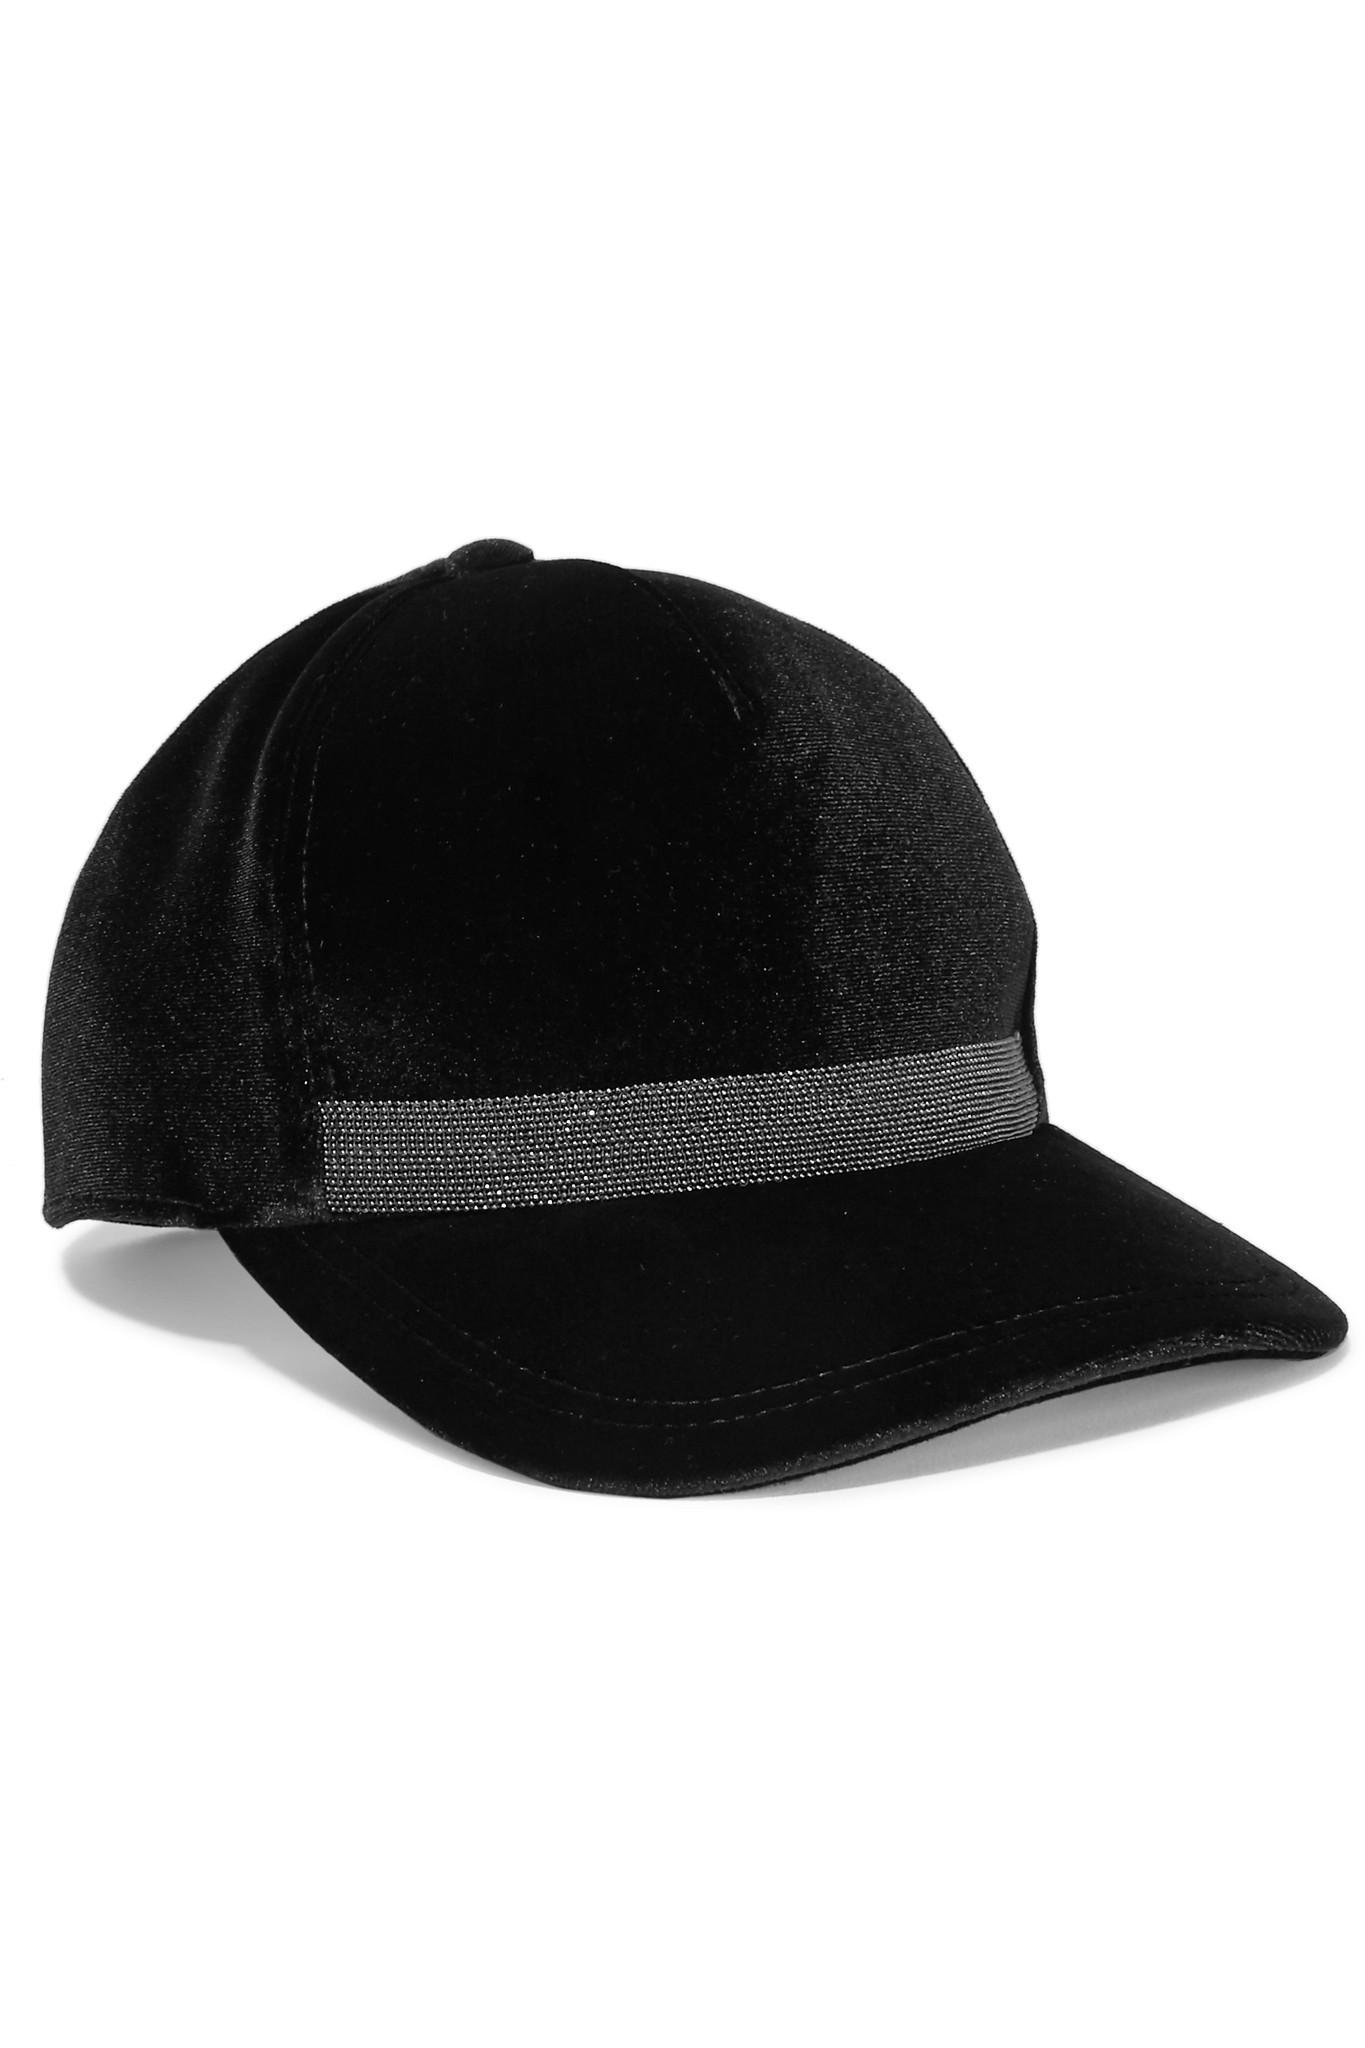 89e1e7d4bf4 Lyst - Brunello Cucinelli Embellished Velvet Baseball Cap in Black